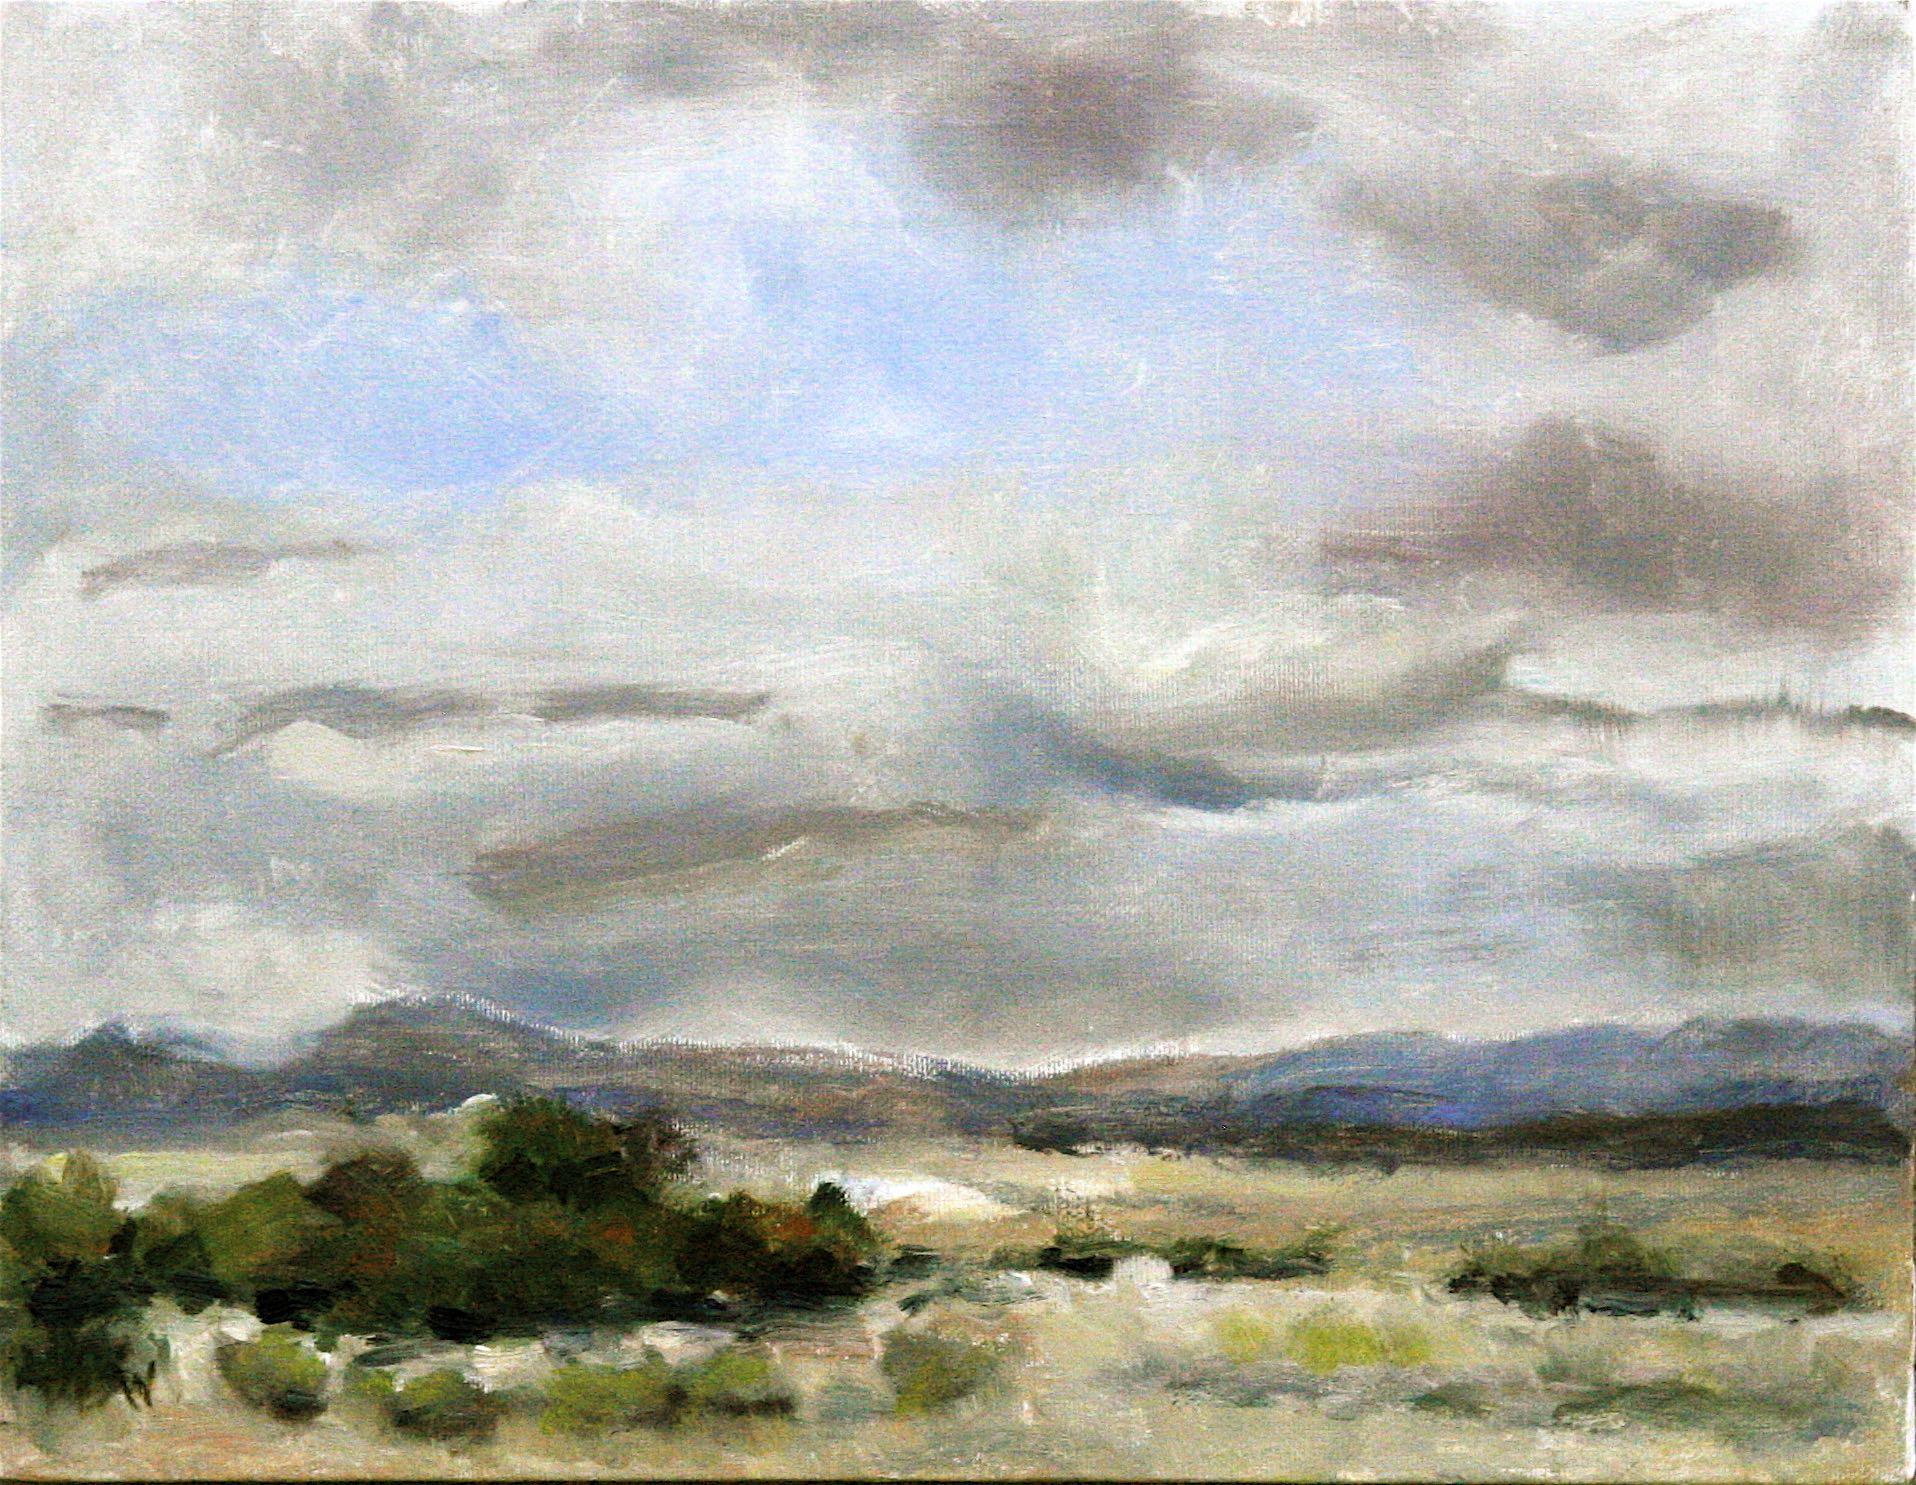 Southern Colorado Desert